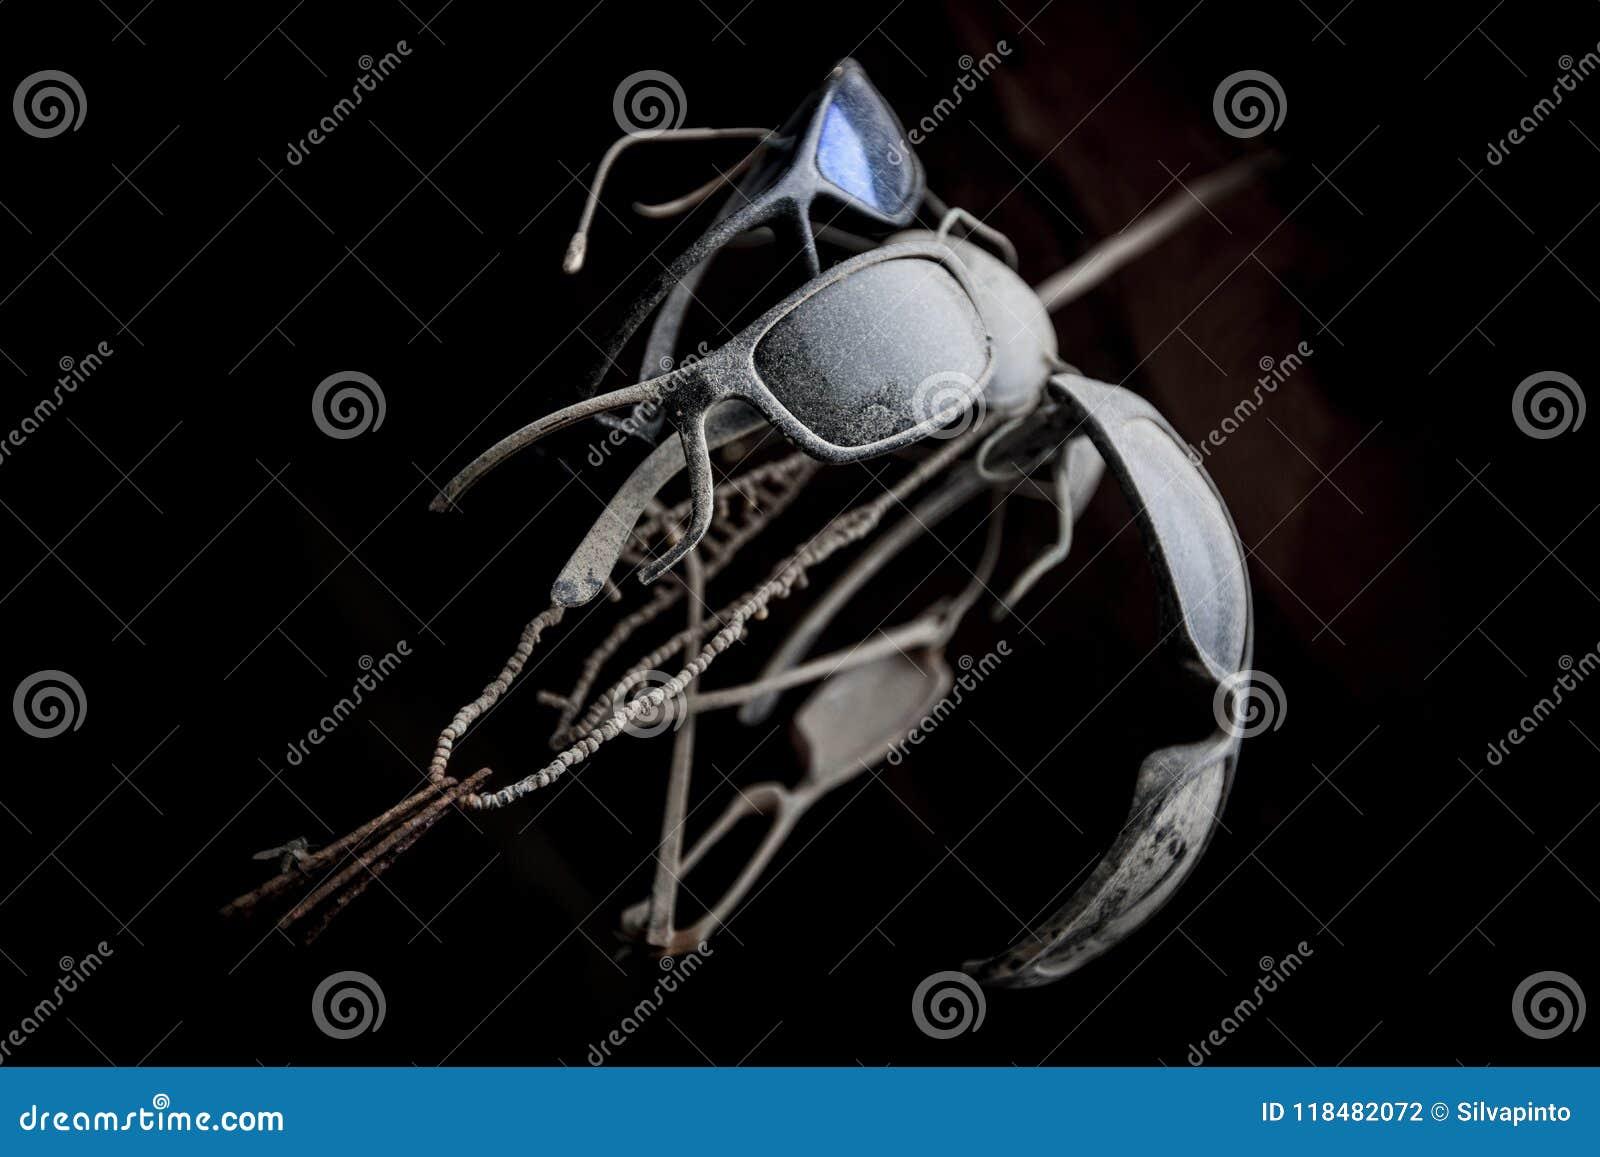 Placez des lunettes de soleil vieux et poussiéreux par une corde, vu de dessous